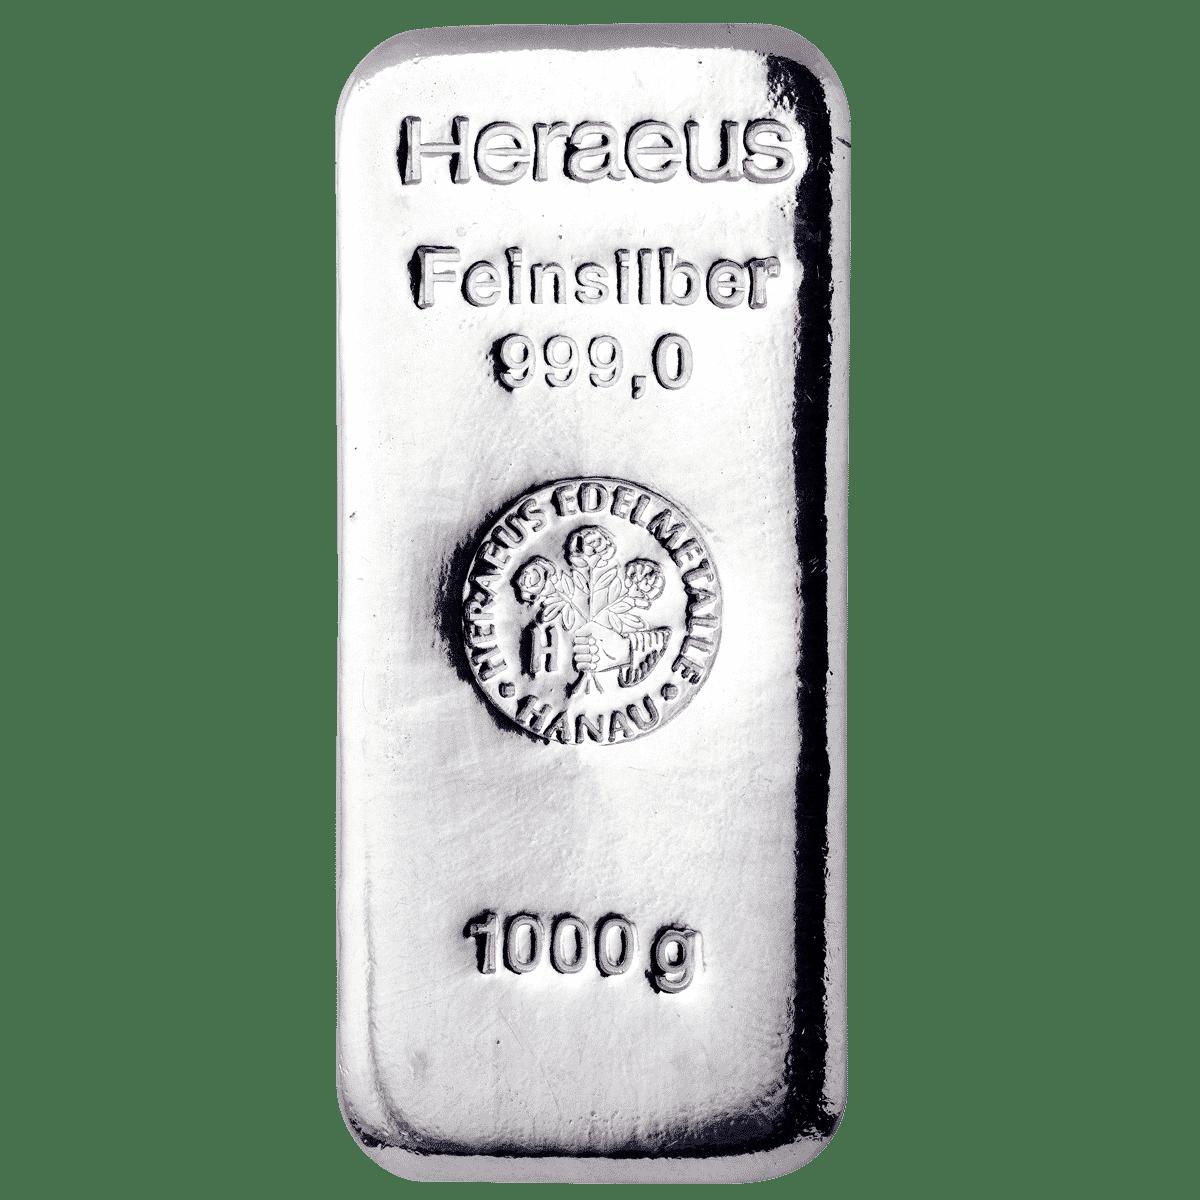 1000g Silberbarren Detailansicht